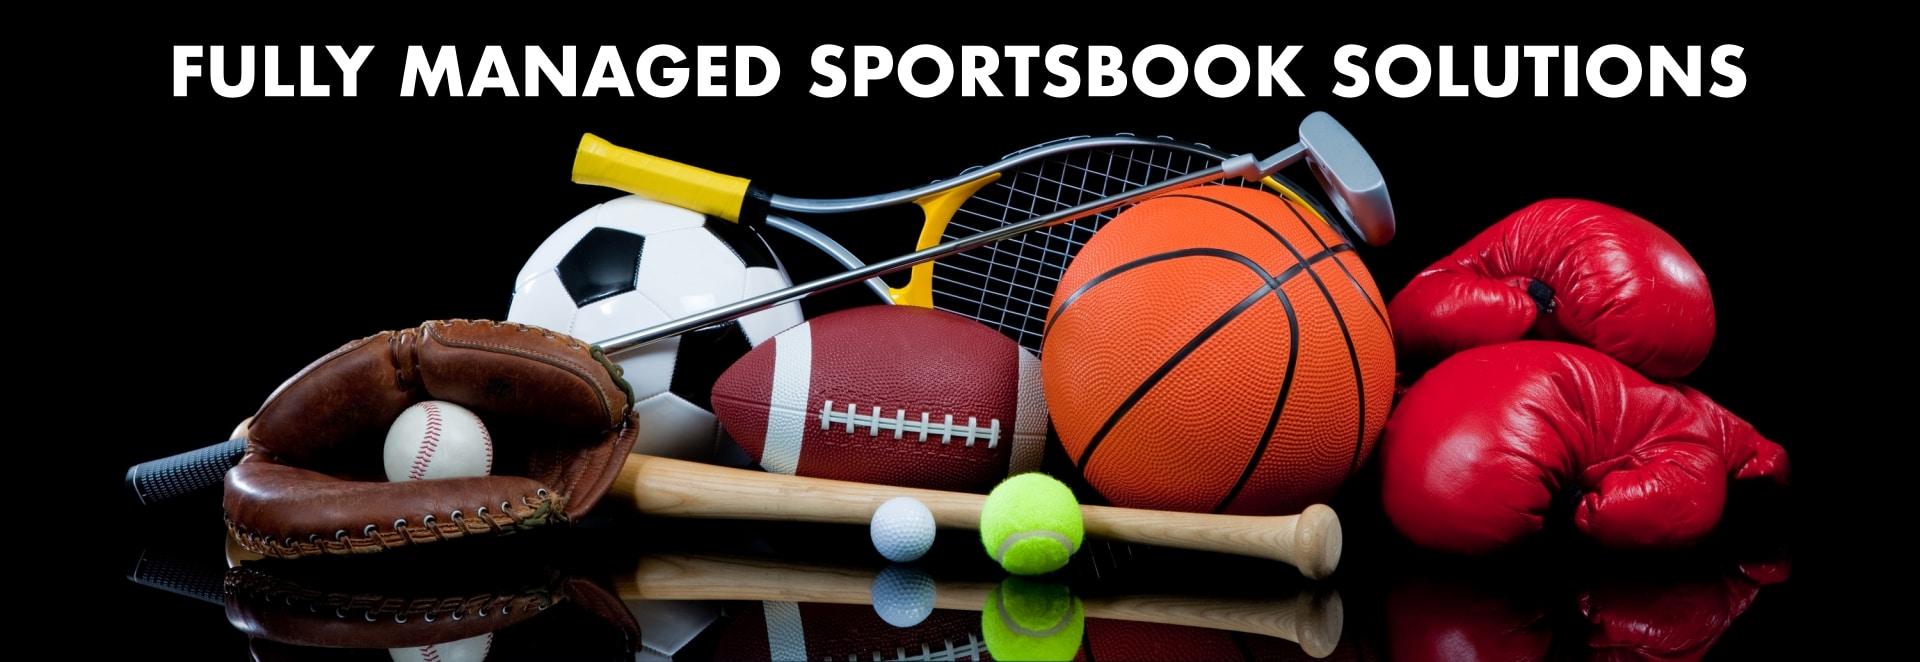 sportsbook software header background